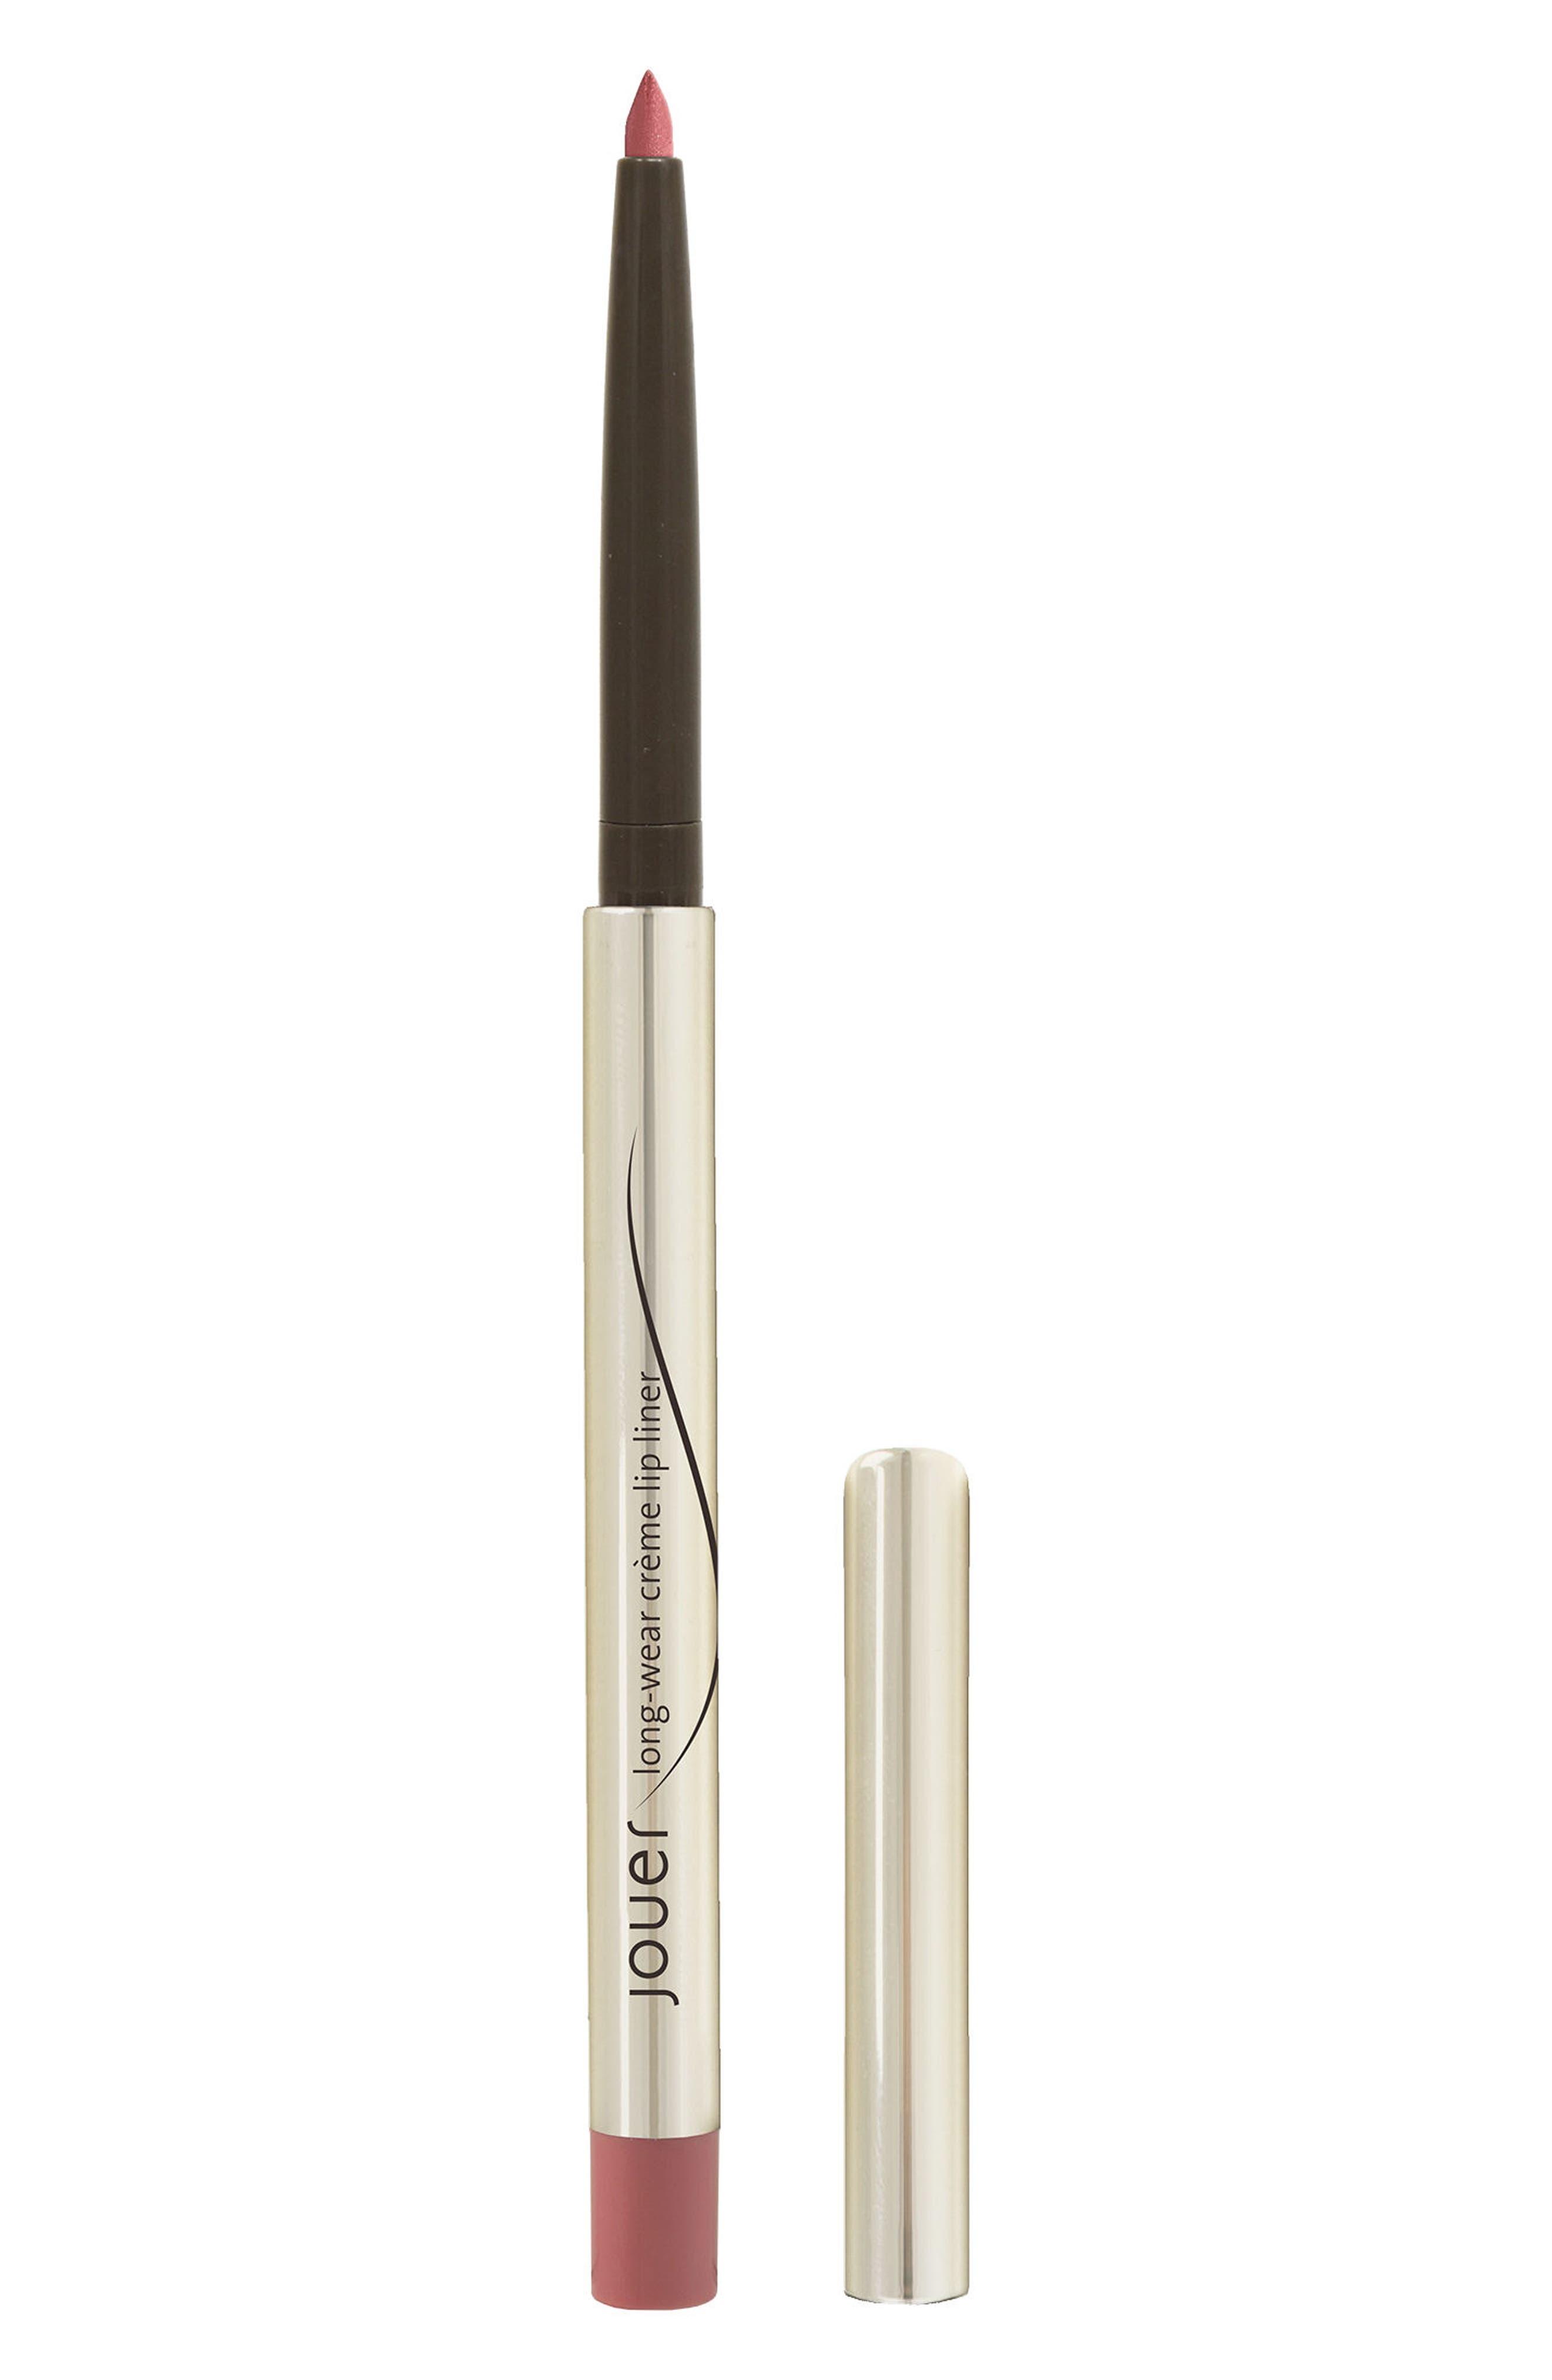 Jouer Long-Wear Crème Lip Liner